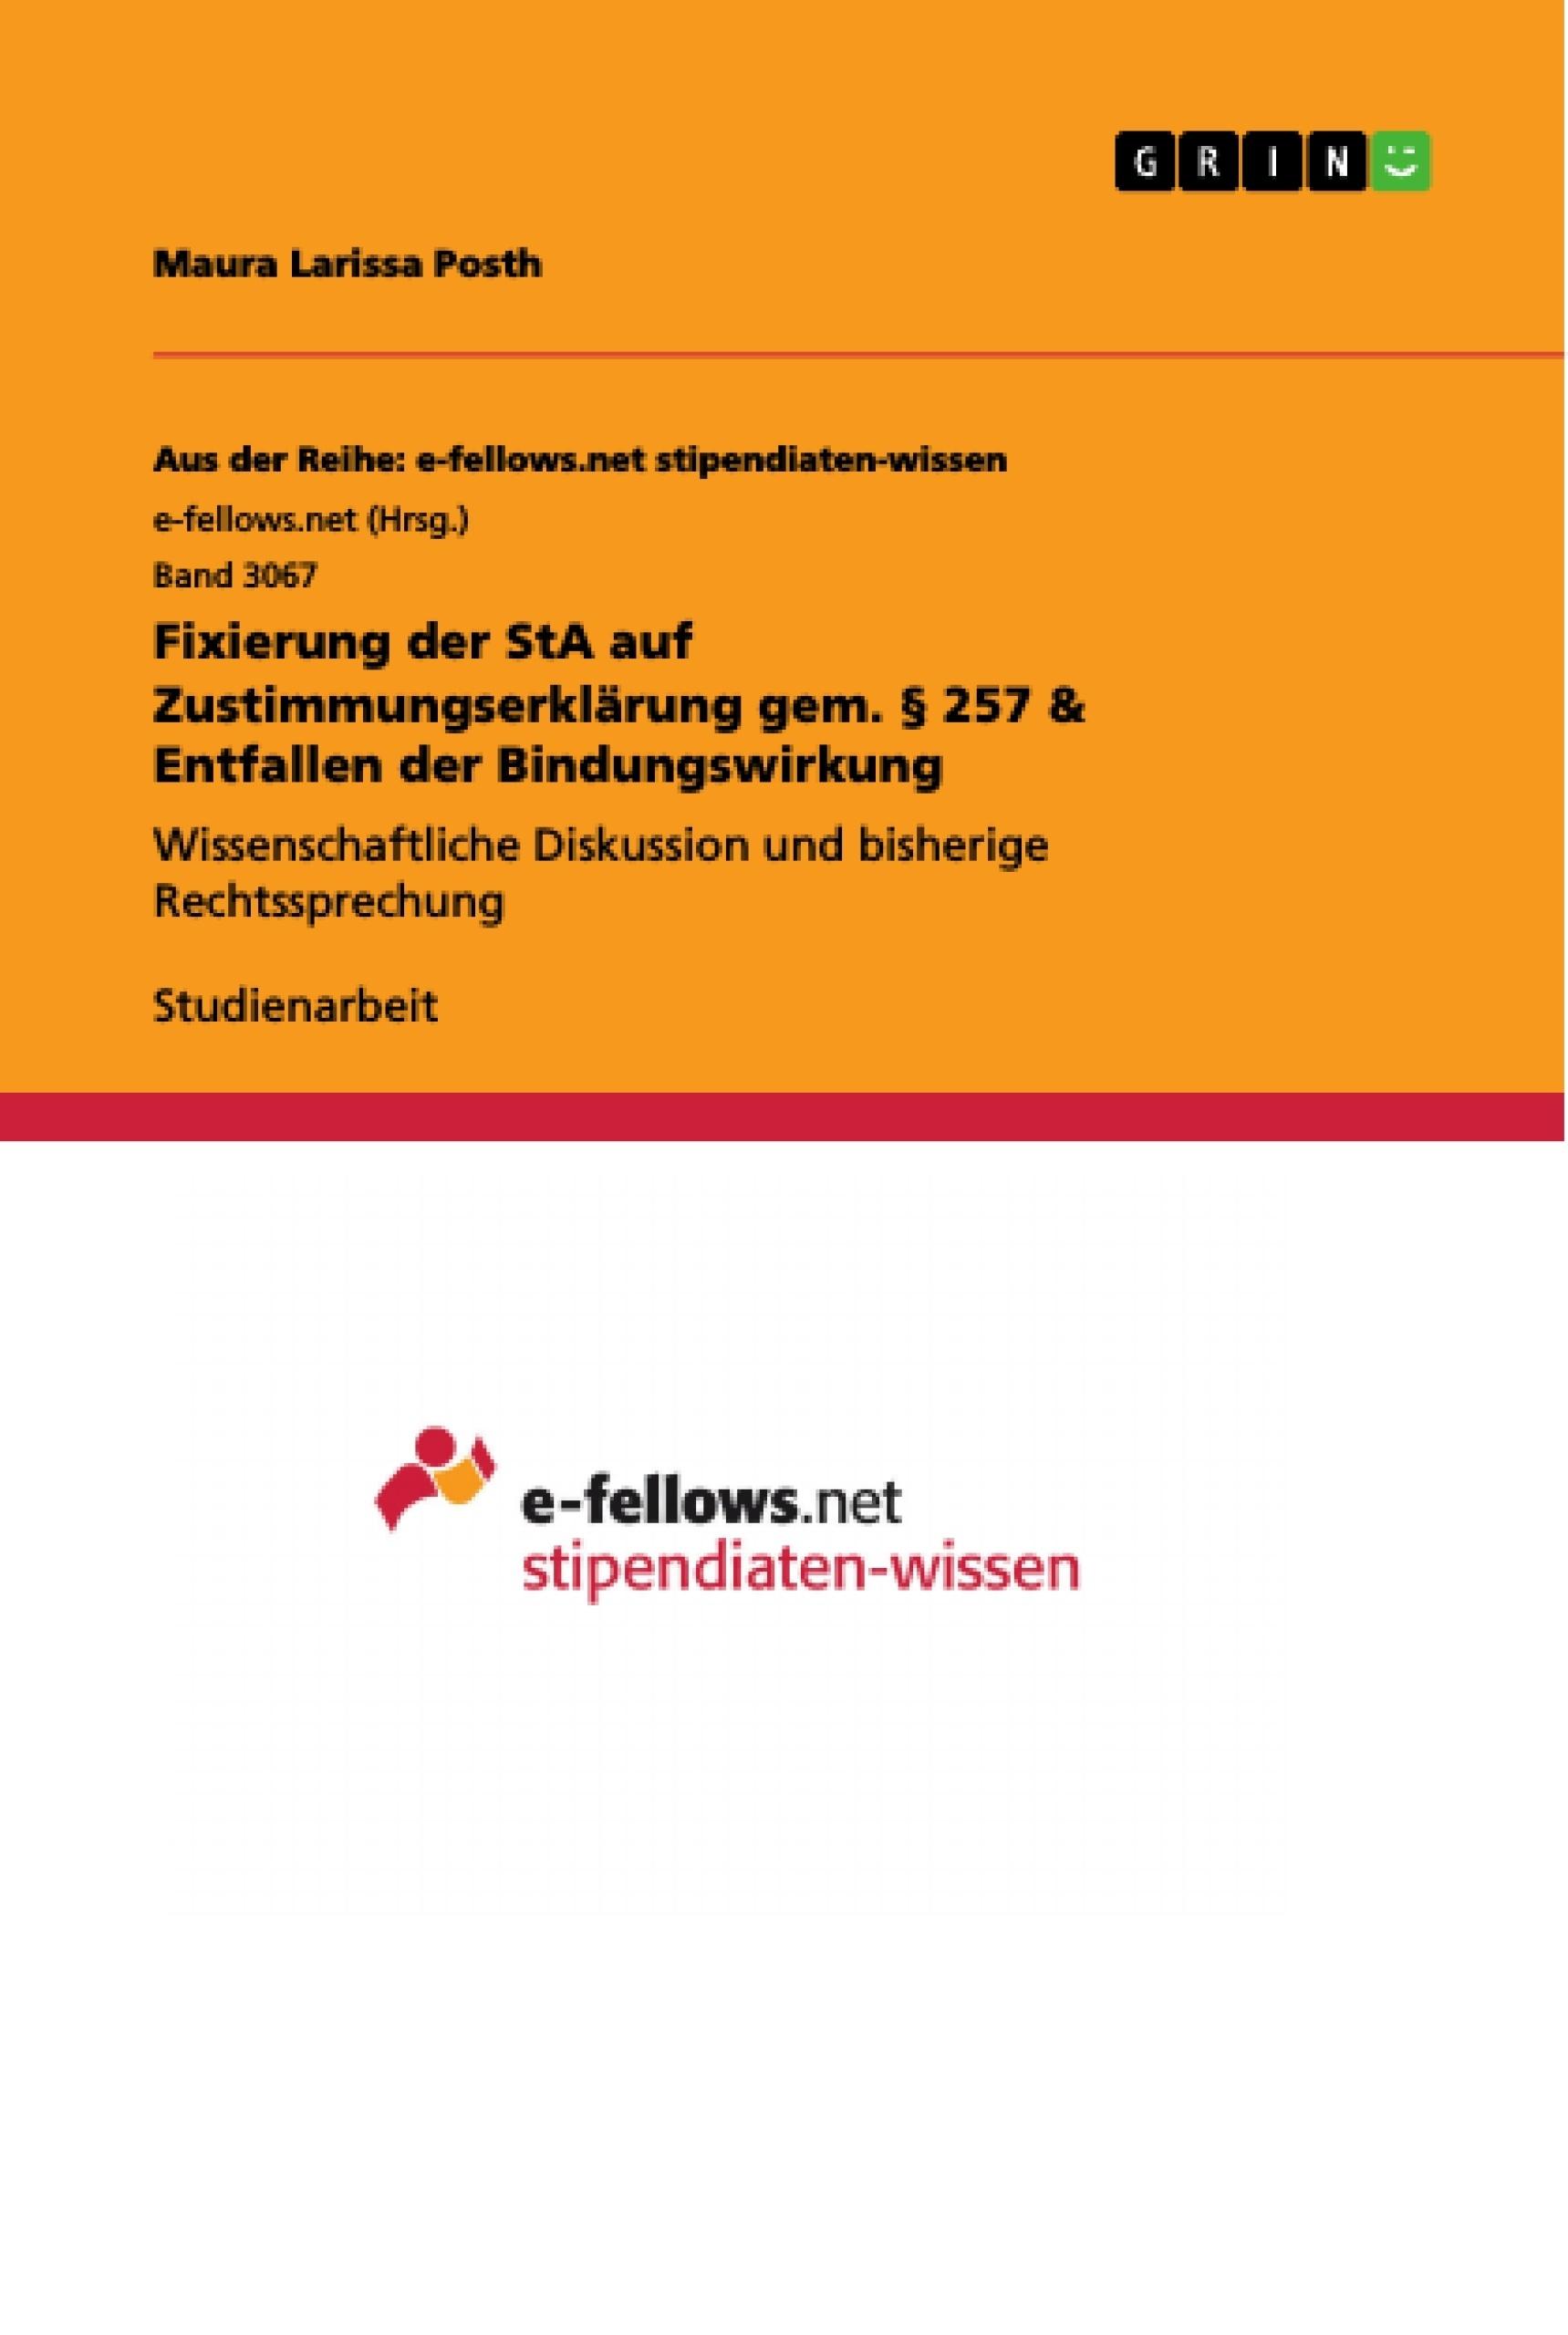 Titel: Fixierung der StA auf Zustimmungserklärung gem. § 257 & Entfallen der Bindungswirkung